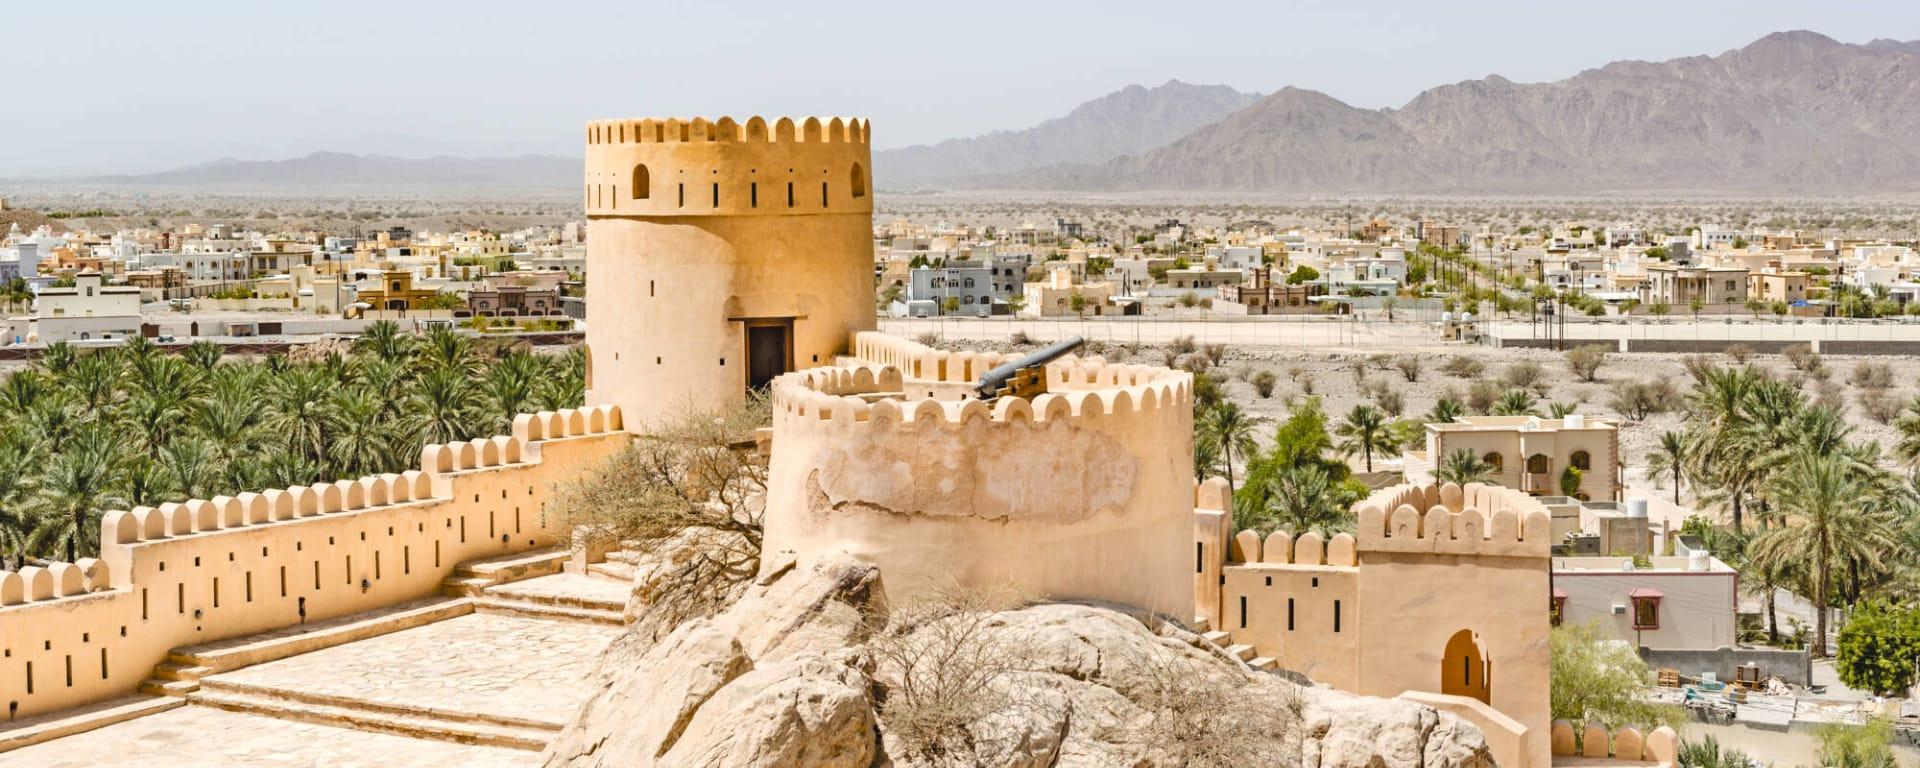 Natur & Kultur Oman ab Muscat: Oman Nakhl